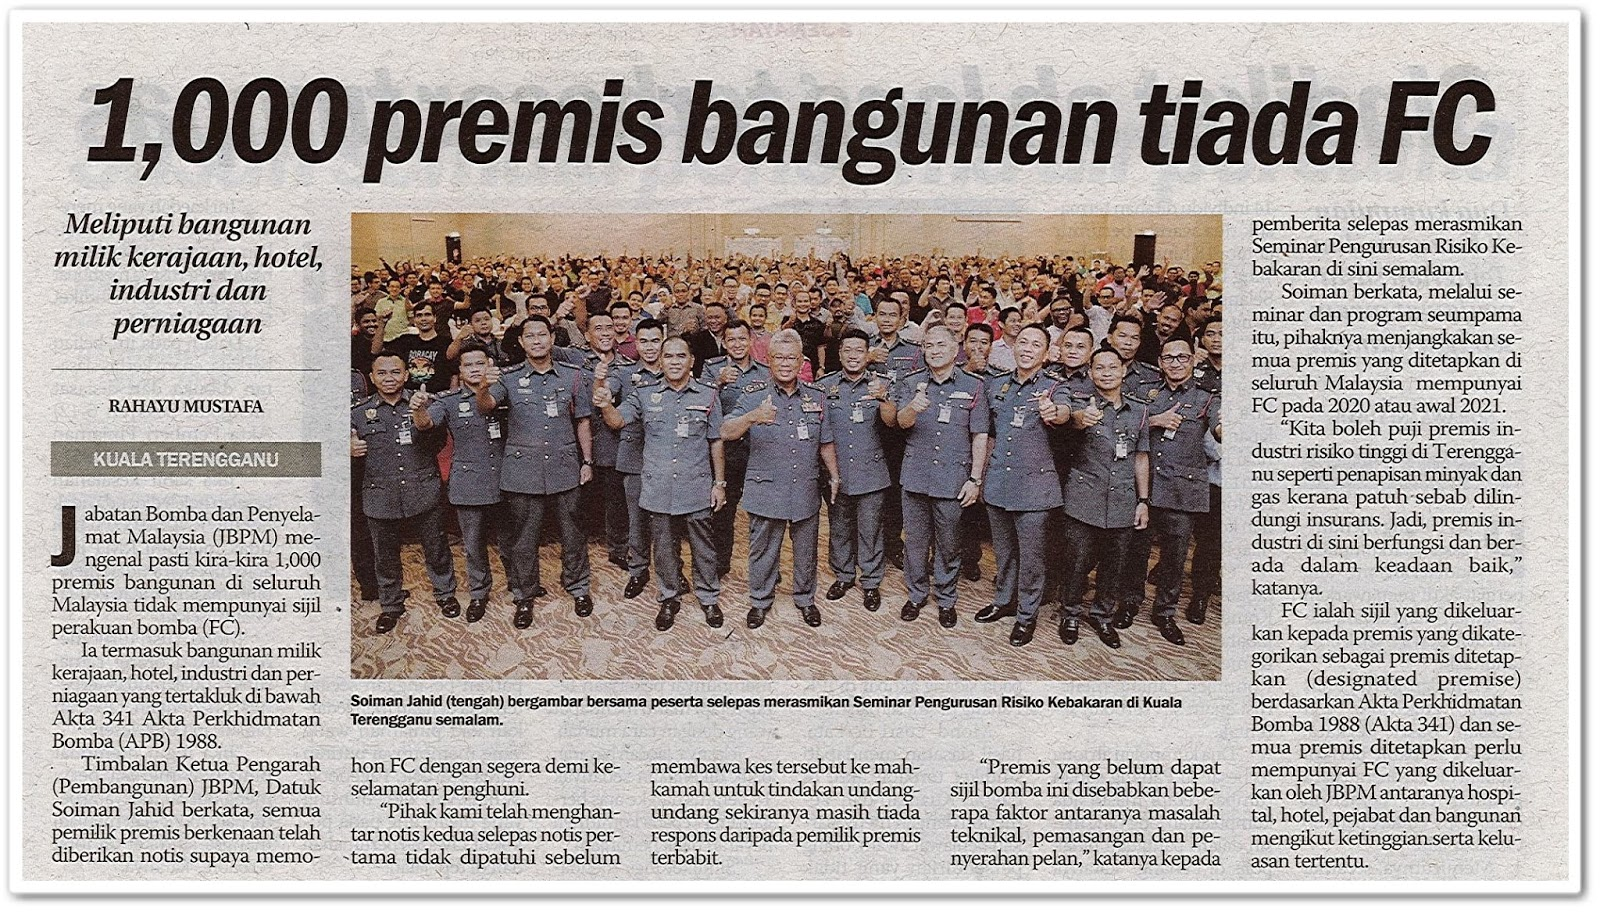 1,000 premis bangunan tiada FC - Keratan akhbar Sinar Harian 5 November 2019